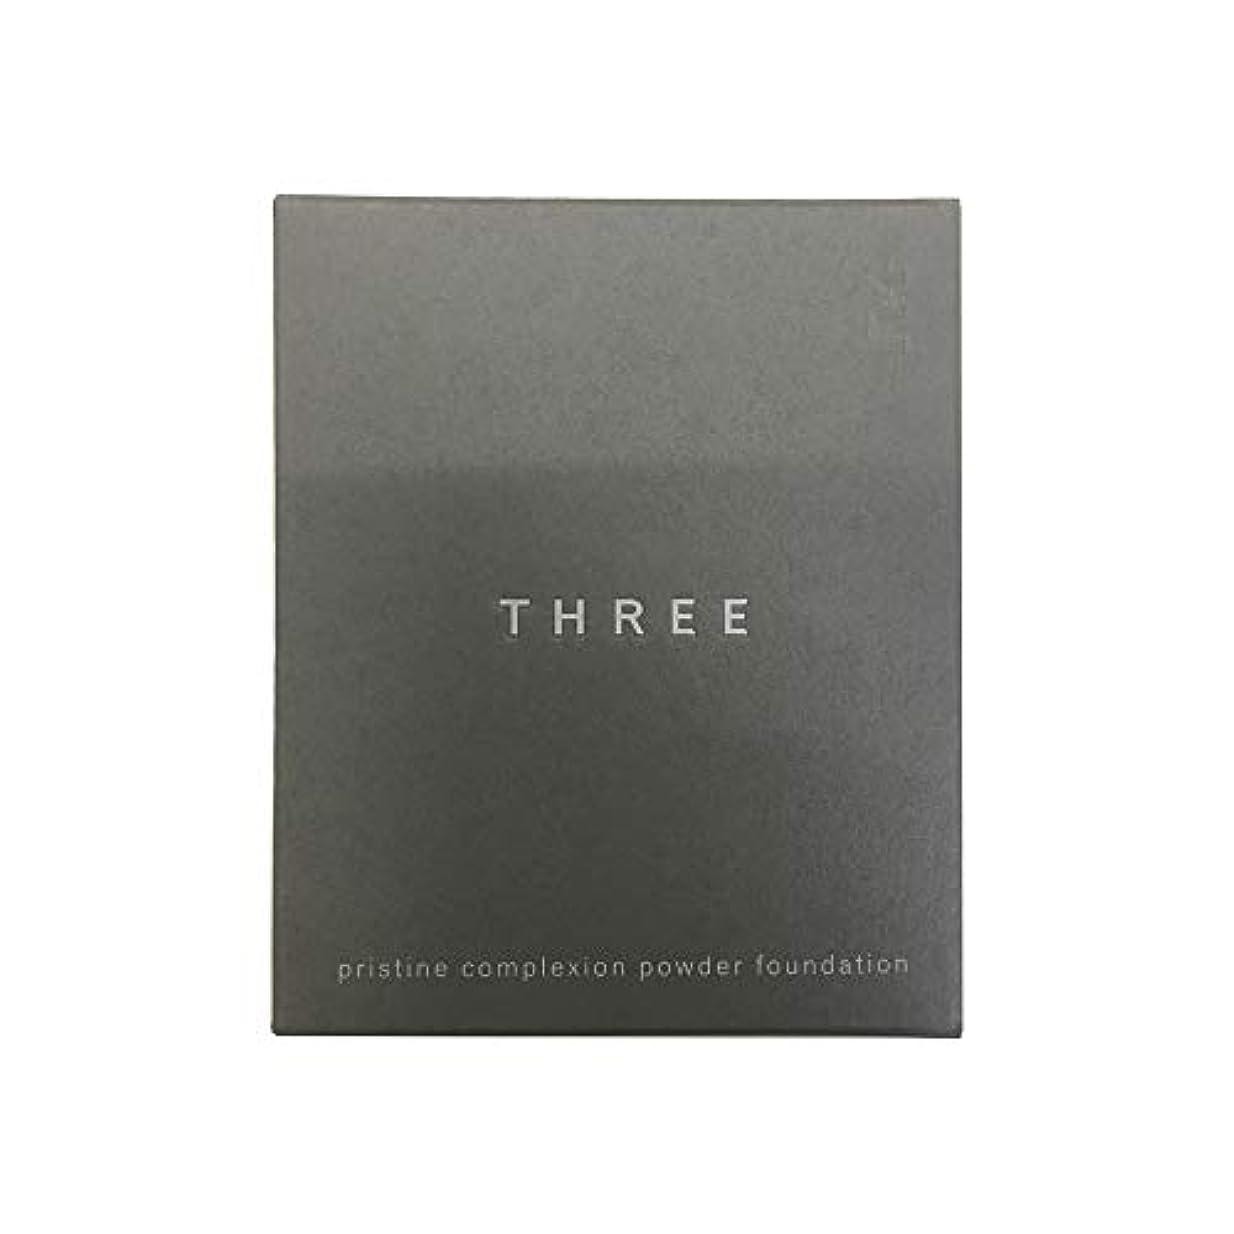 THREE(スリー) プリスティーンコンプレクションパウダーファンデーション #101(リフィル) [ パウダーファンデーション ] [並行輸入品]